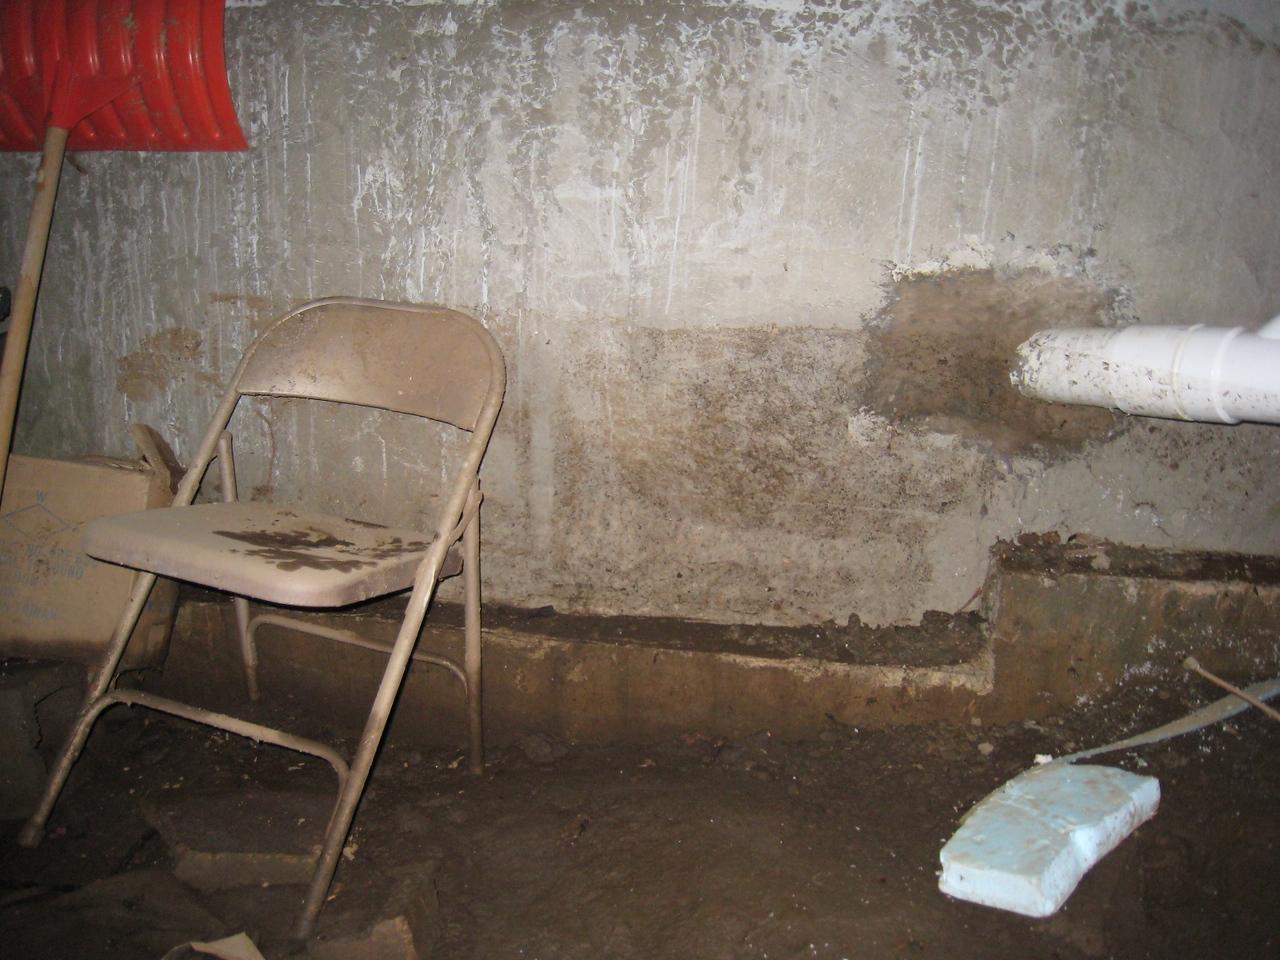 Flood Evidence, Wall